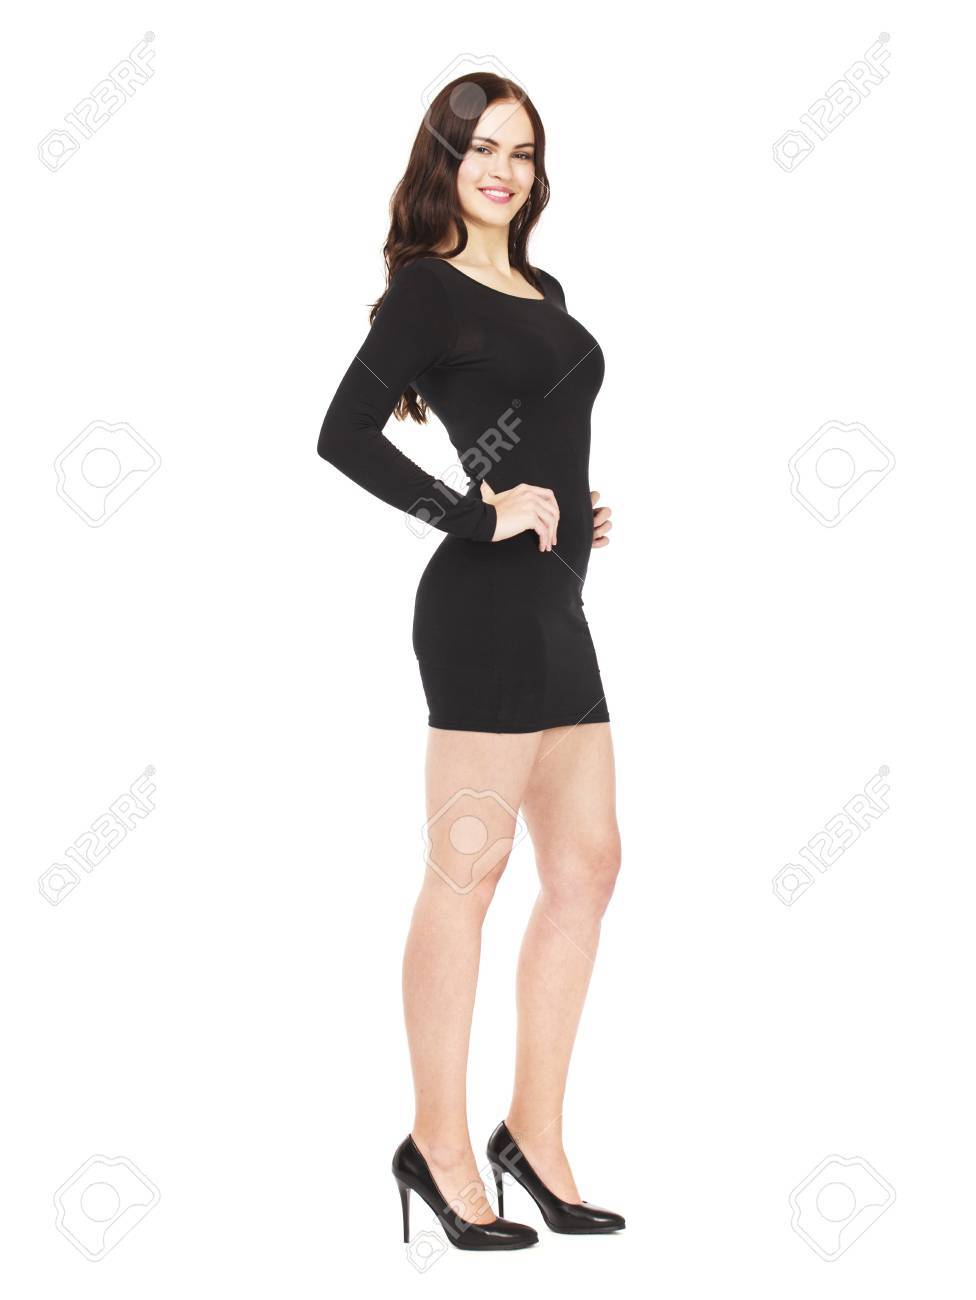 emballage élégant et robuste acheter pas cher le rapport qualité prix Portrait en pleine croissance d'une belle jeune femme brune en robe noire  sexy, isolée sur fond blanc